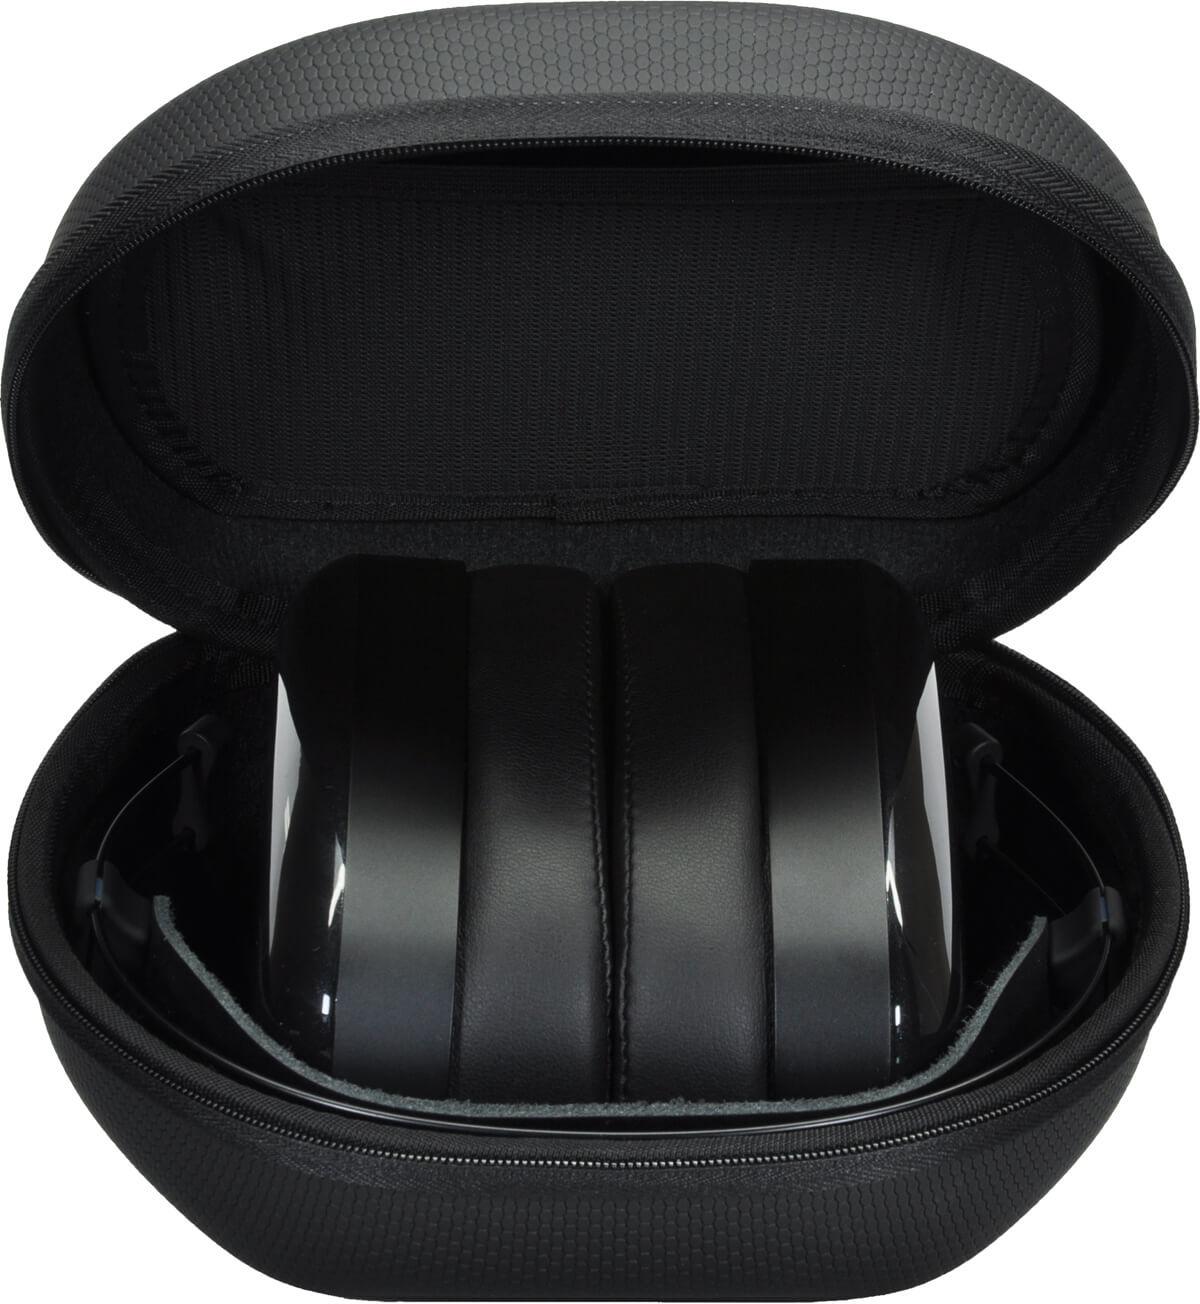 Dan Clark Audio ÆON 2 Noire Kopfhörer zusammengelegt